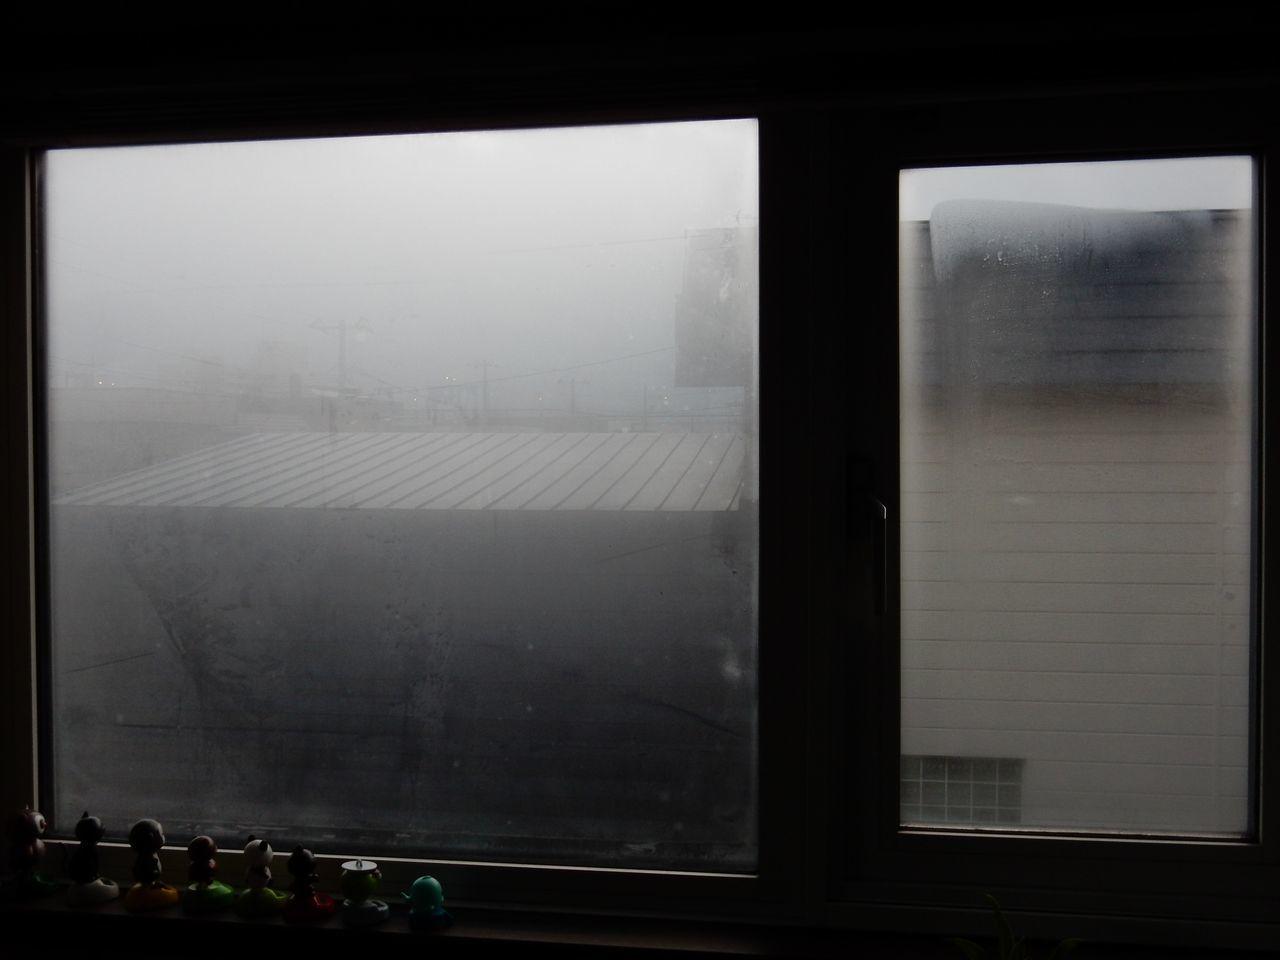 冬の嵐がやってきた_c0025115_21402824.jpg